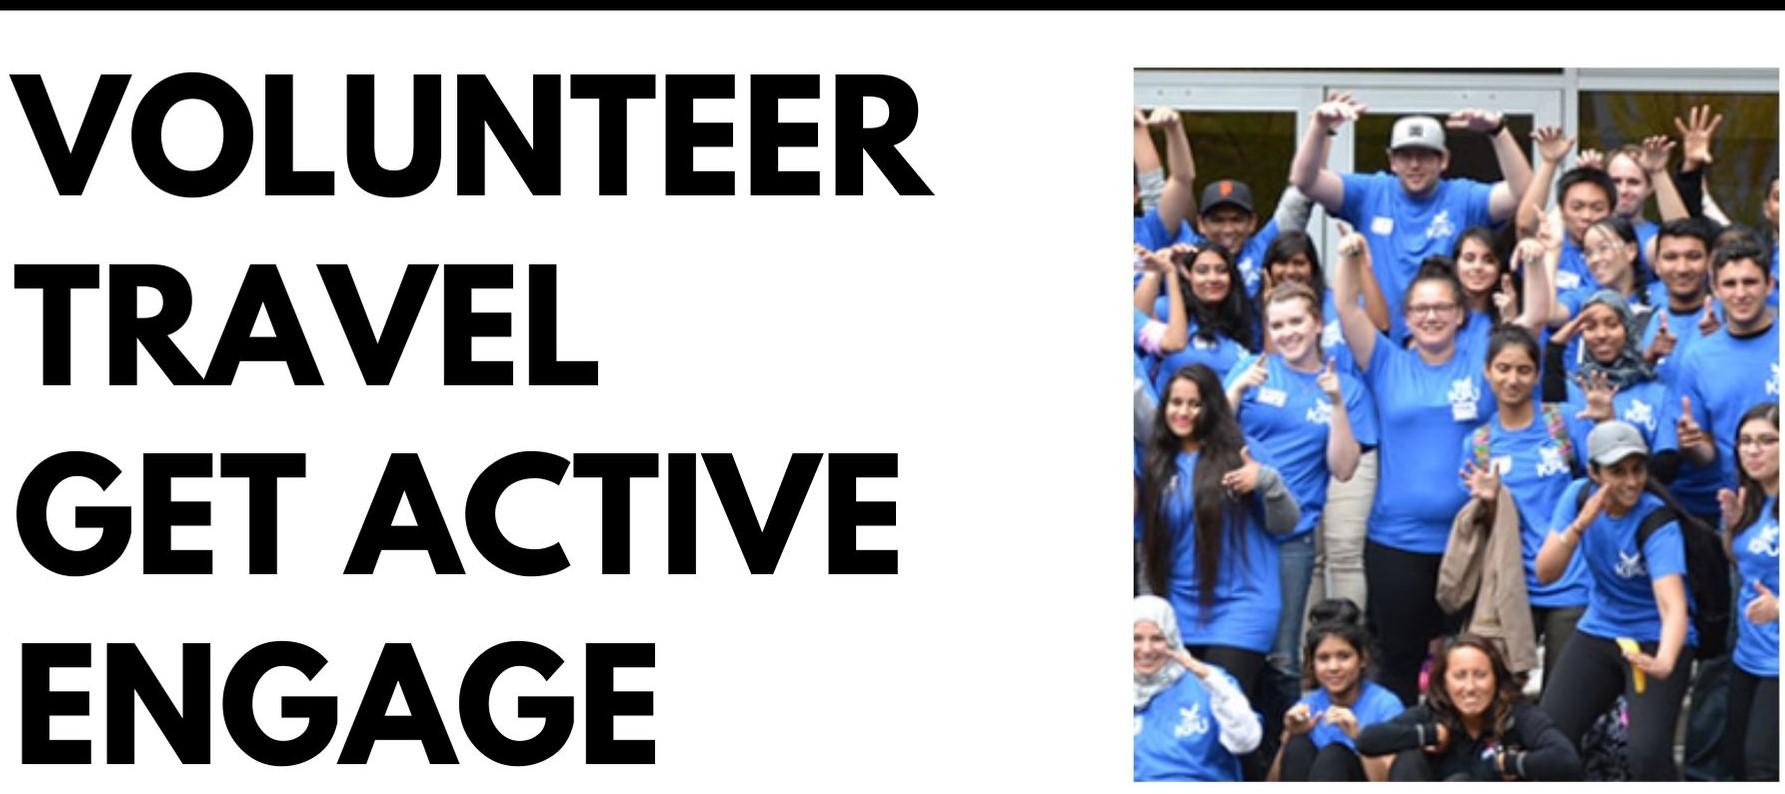 volunteer-on-campus[1].jpg